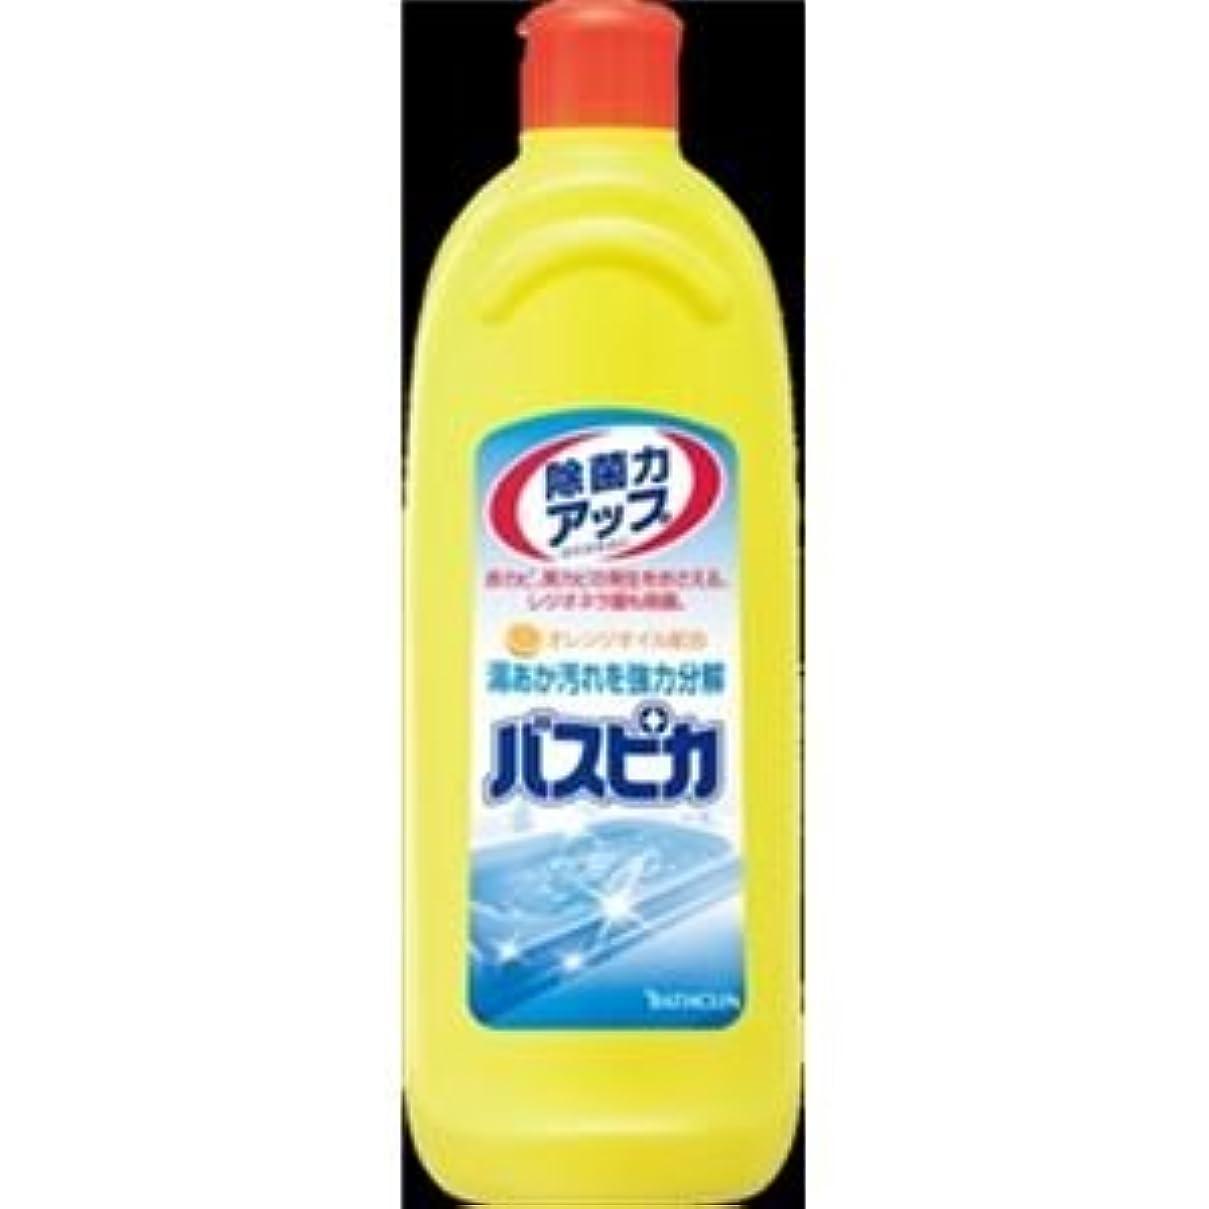 連続的インフレーション包括的(まとめ)バスクリン バスピカ ヤシ油 【×5点セット】